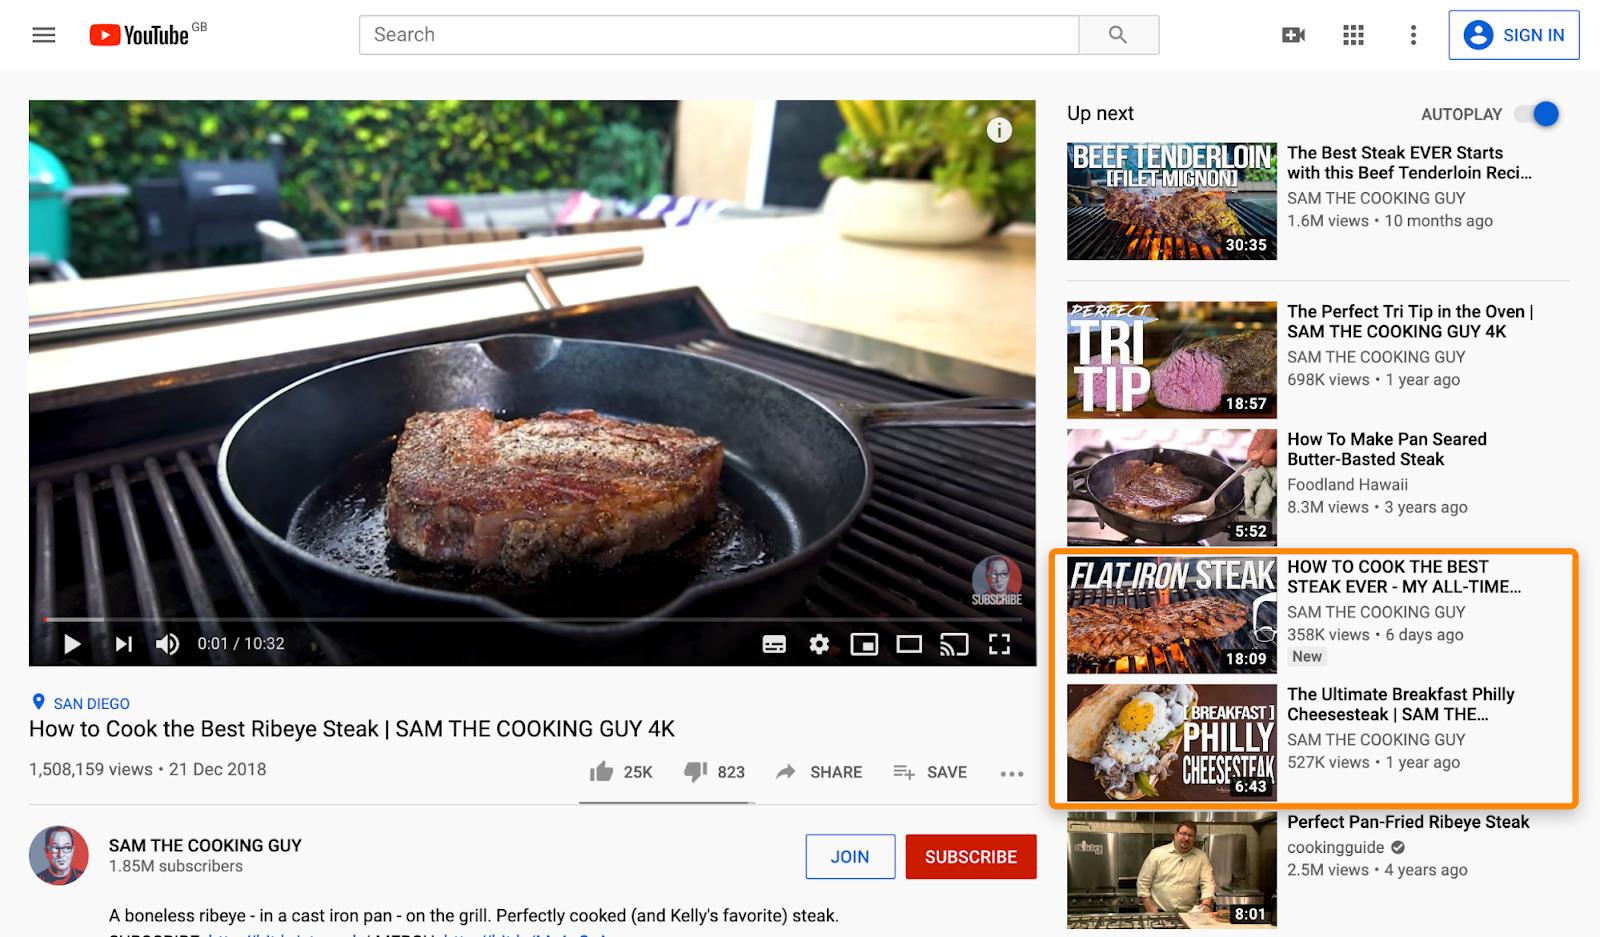 3 youtube steak recipes sidebar